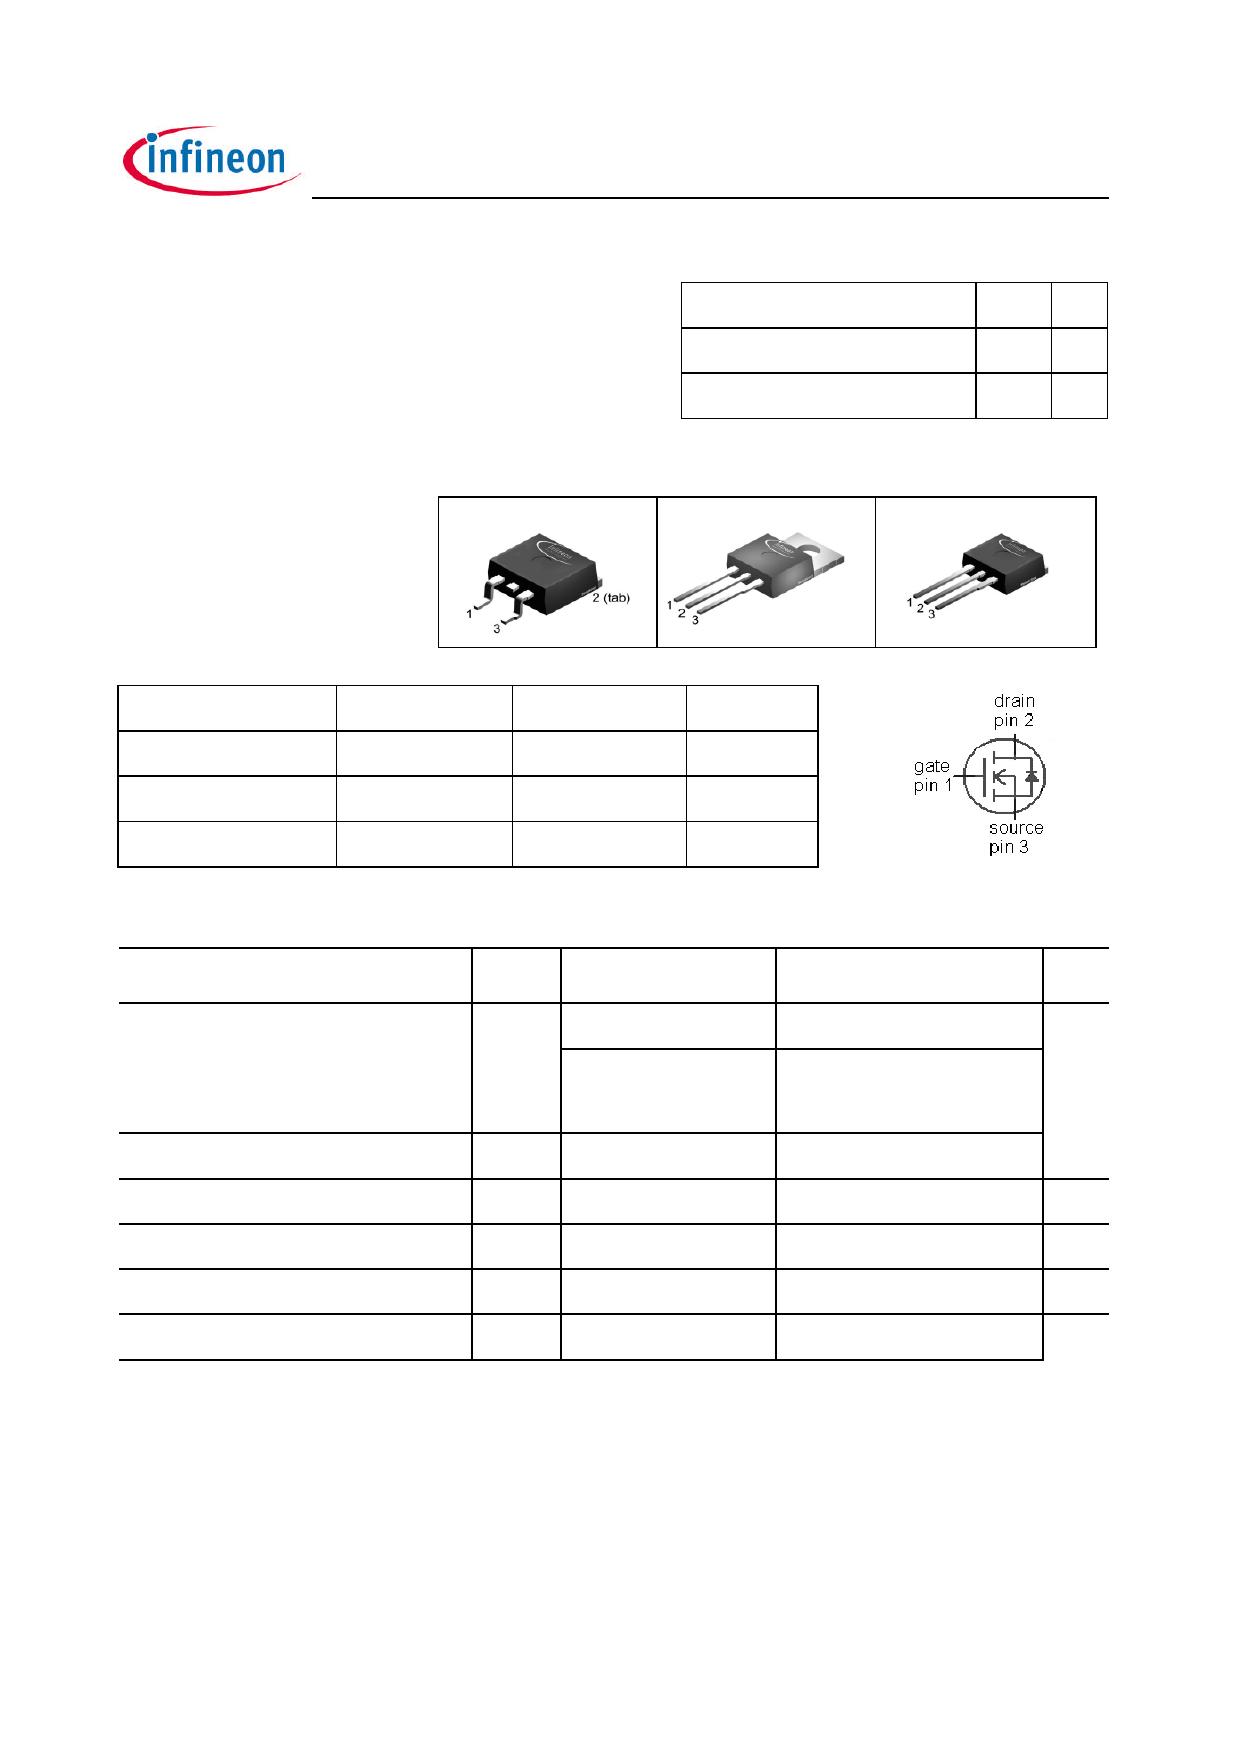 IPP80N06S2L-11 데이터시트 및 IPP80N06S2L-11 PDF